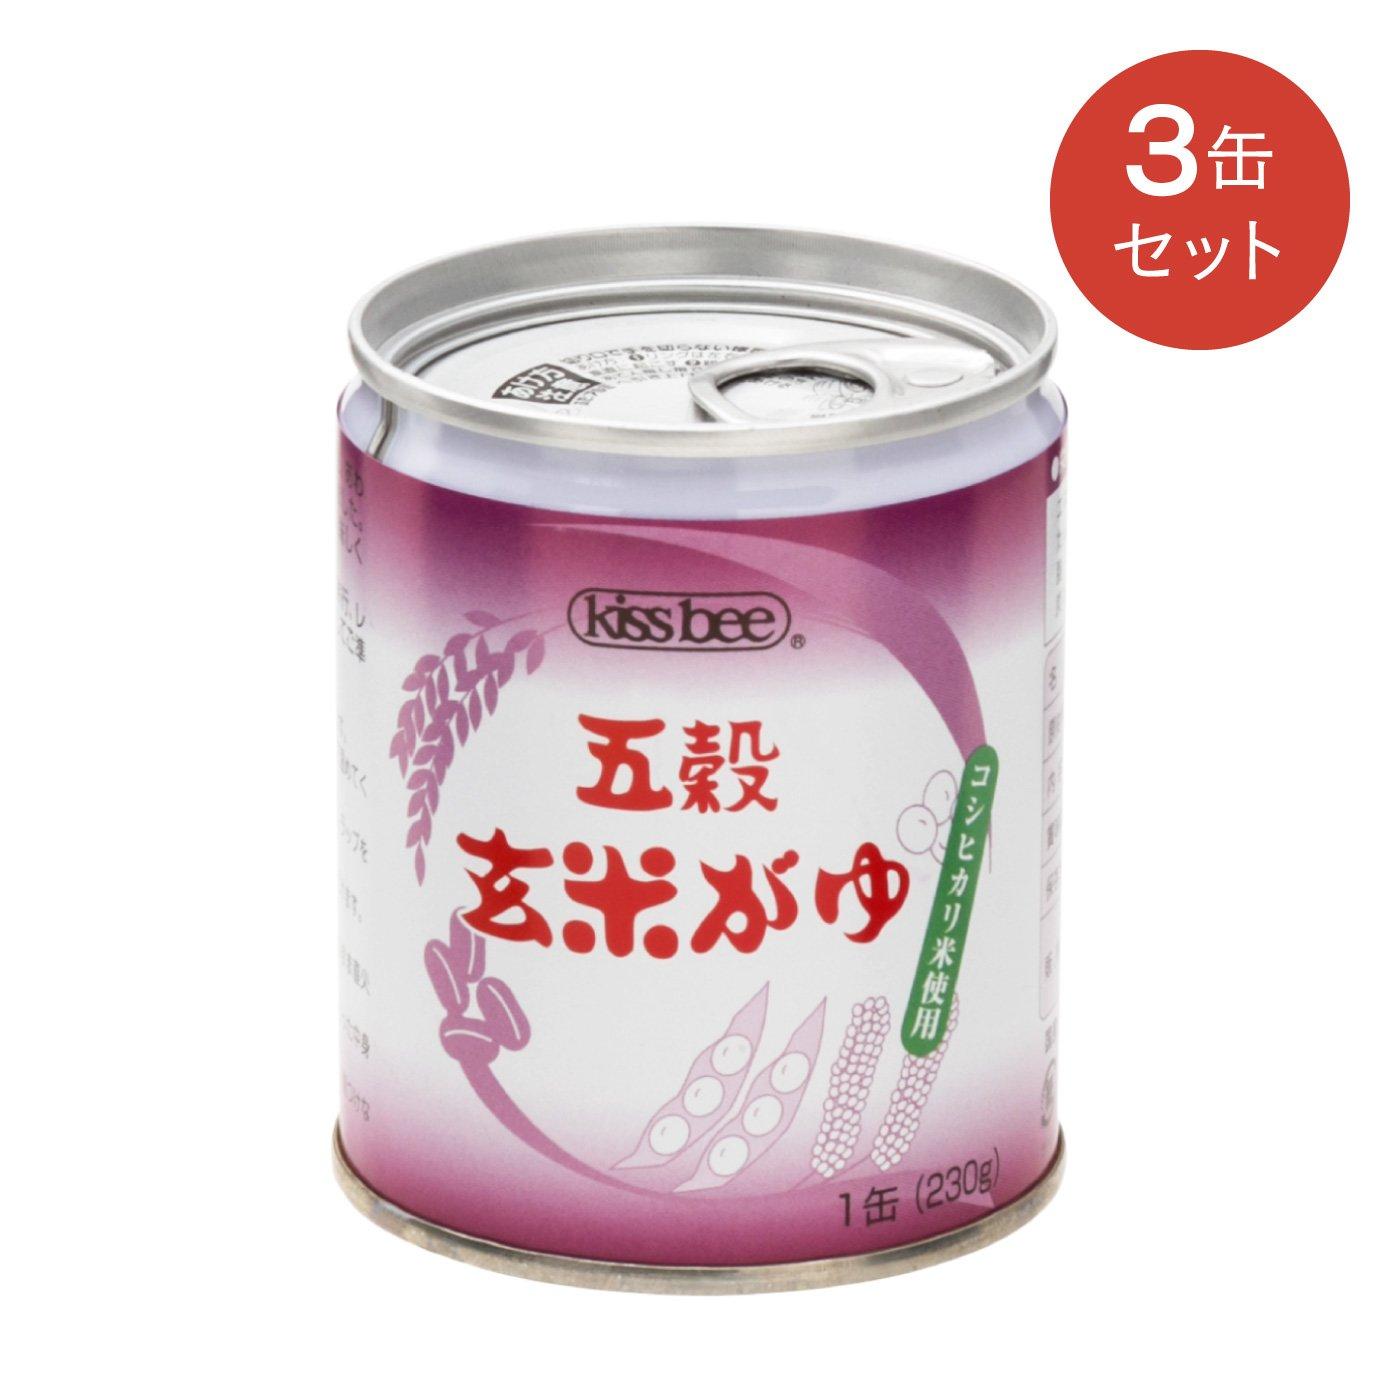 プチプチうまい炊き上がり 国産素材の五穀玄米がゆ〈3缶セット〉の会